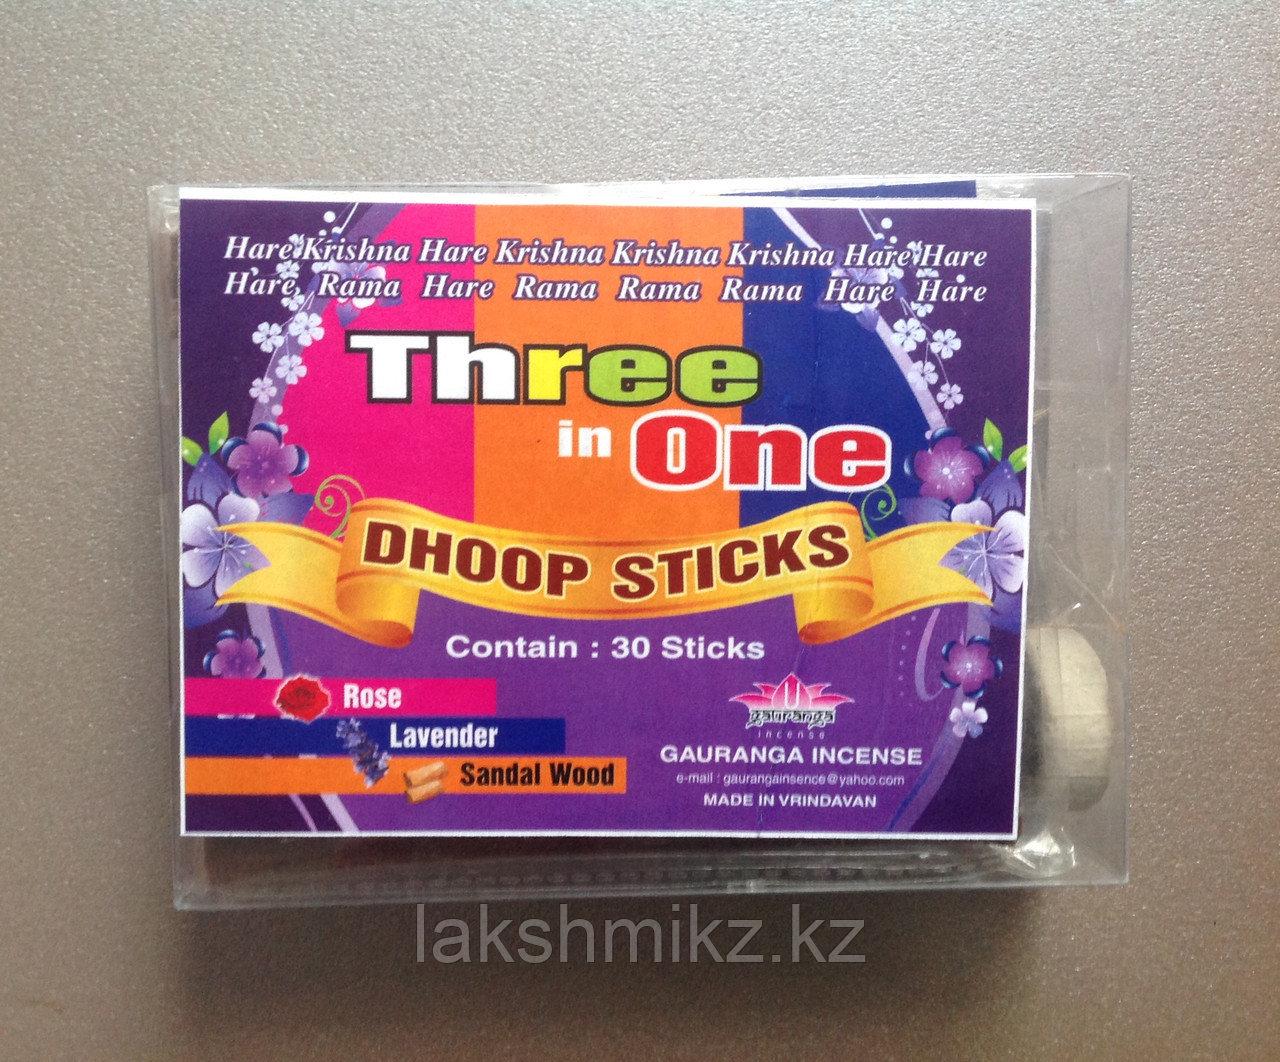 Ароматические палочки Gauranga Incense (3 в 1) (Dhoop) благовоние пластилин